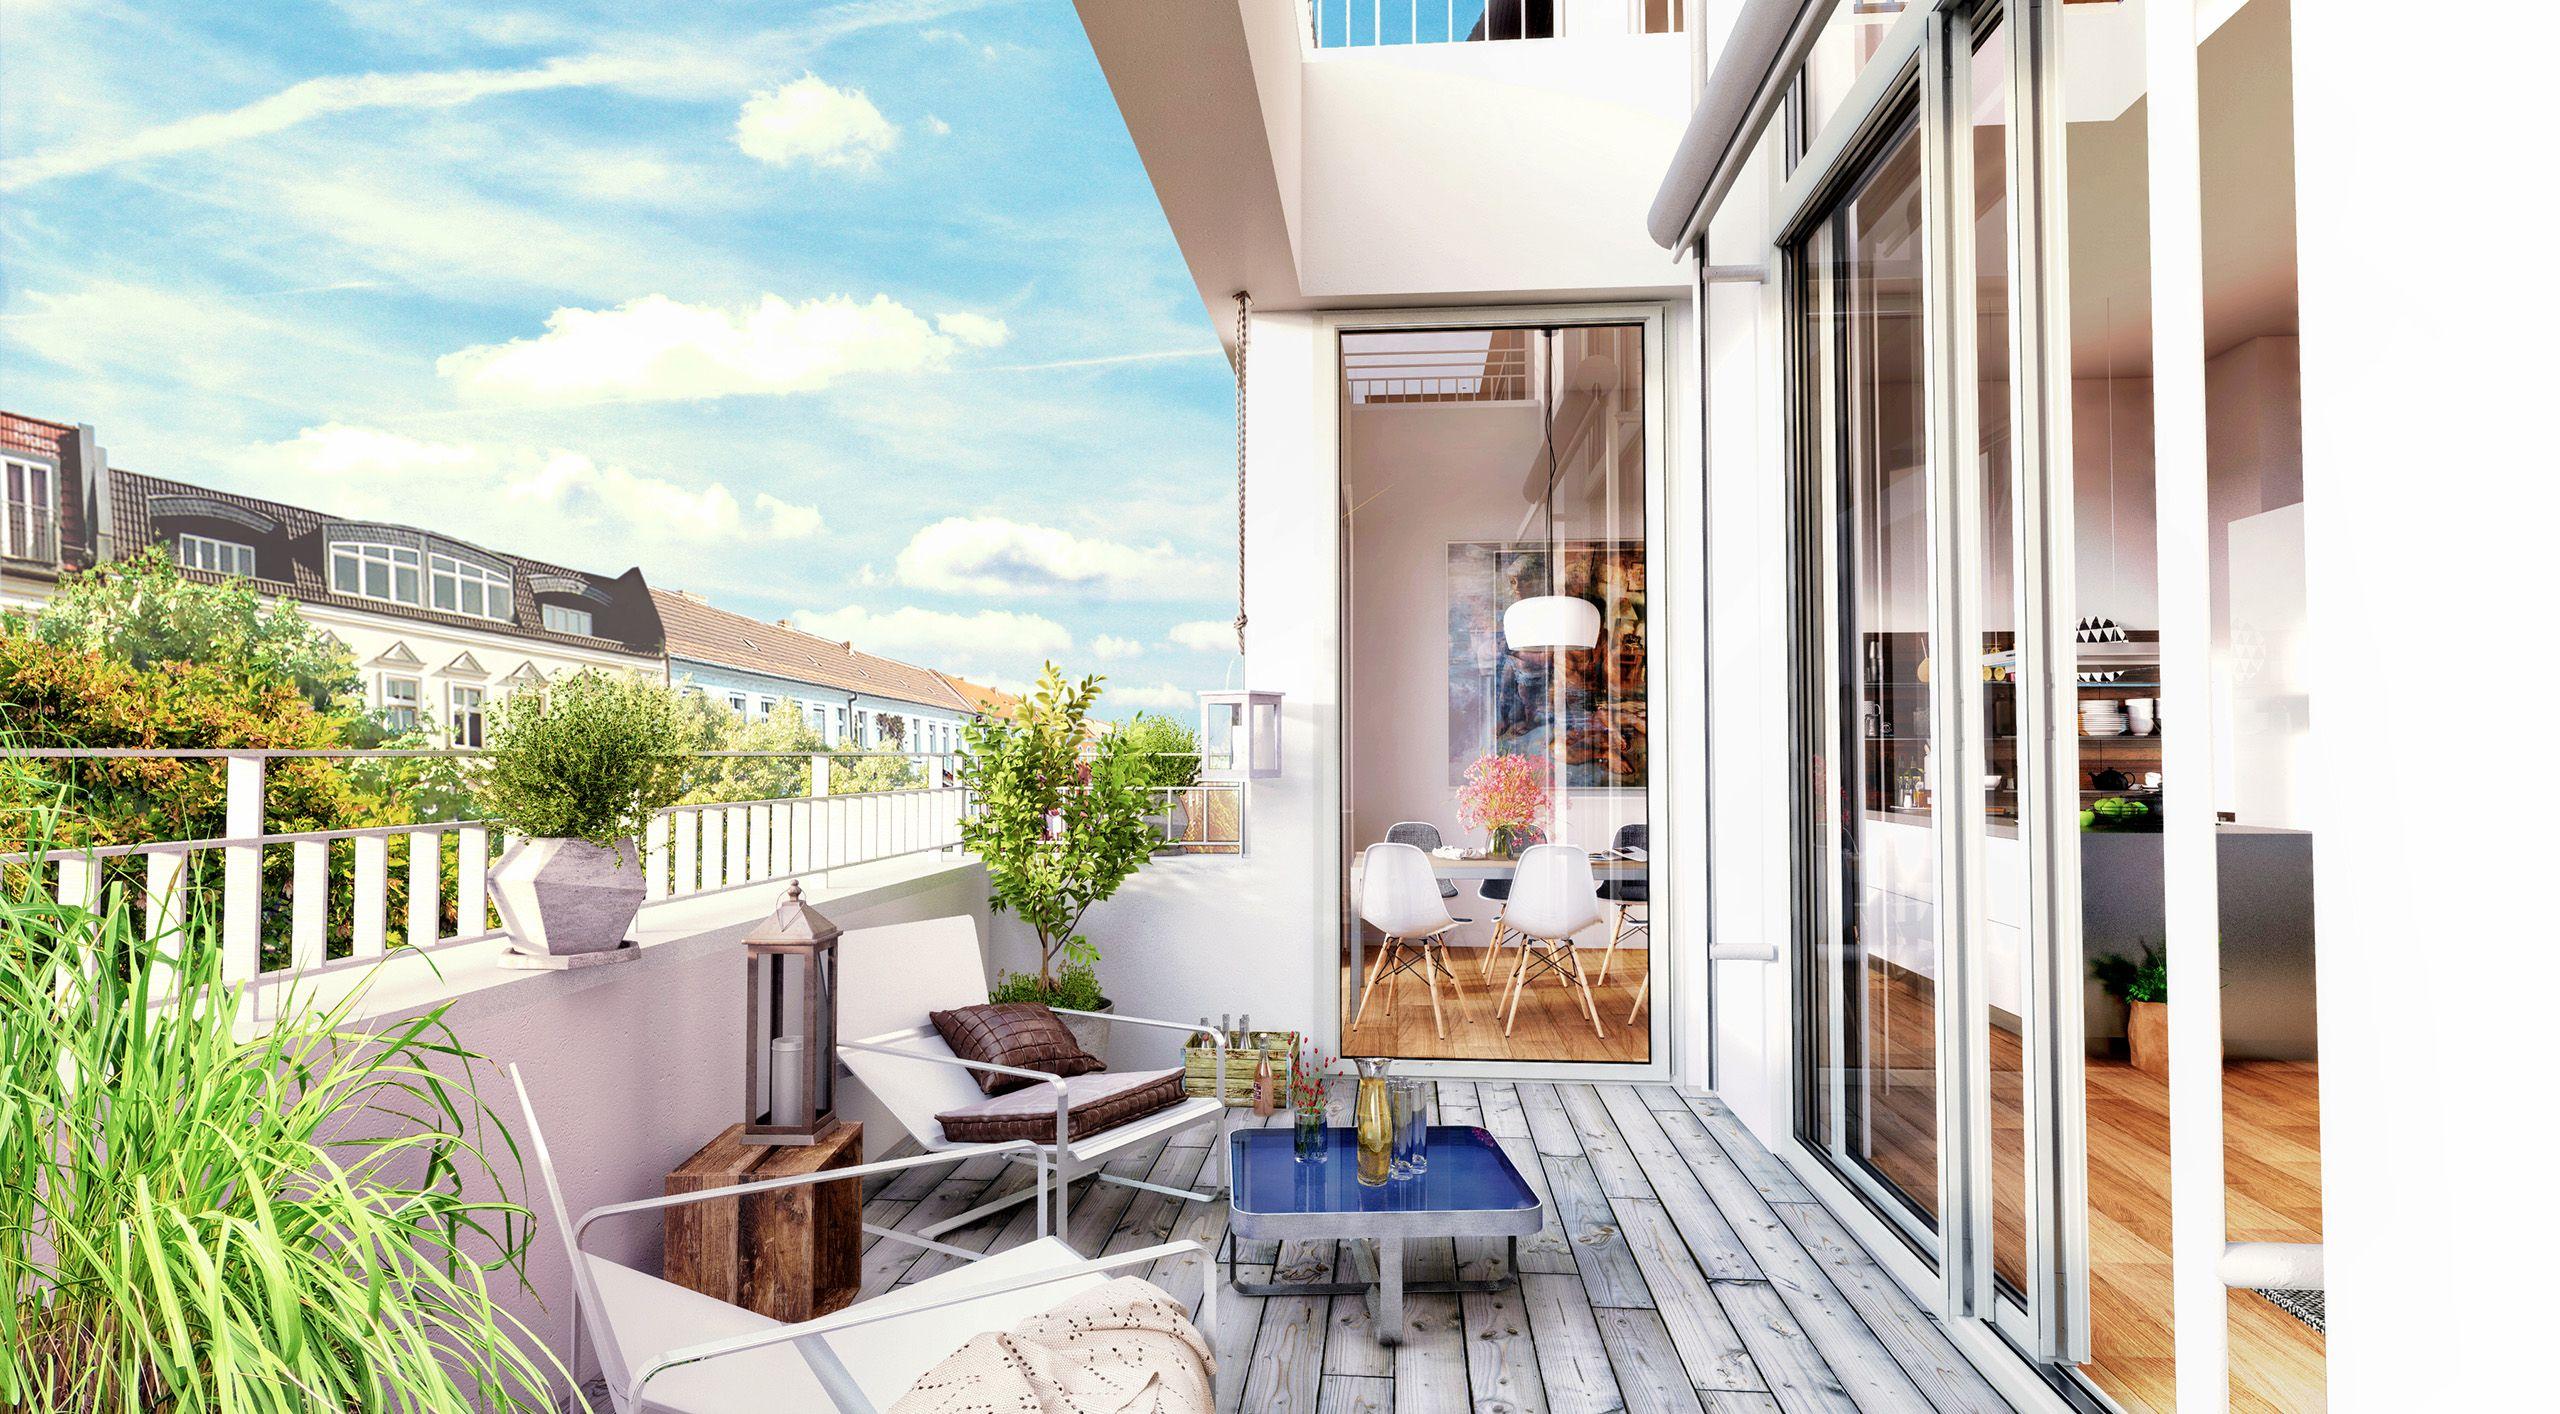 Architekturvisualisierung Berlin berlin joachim freidrich straße loft rooftop render